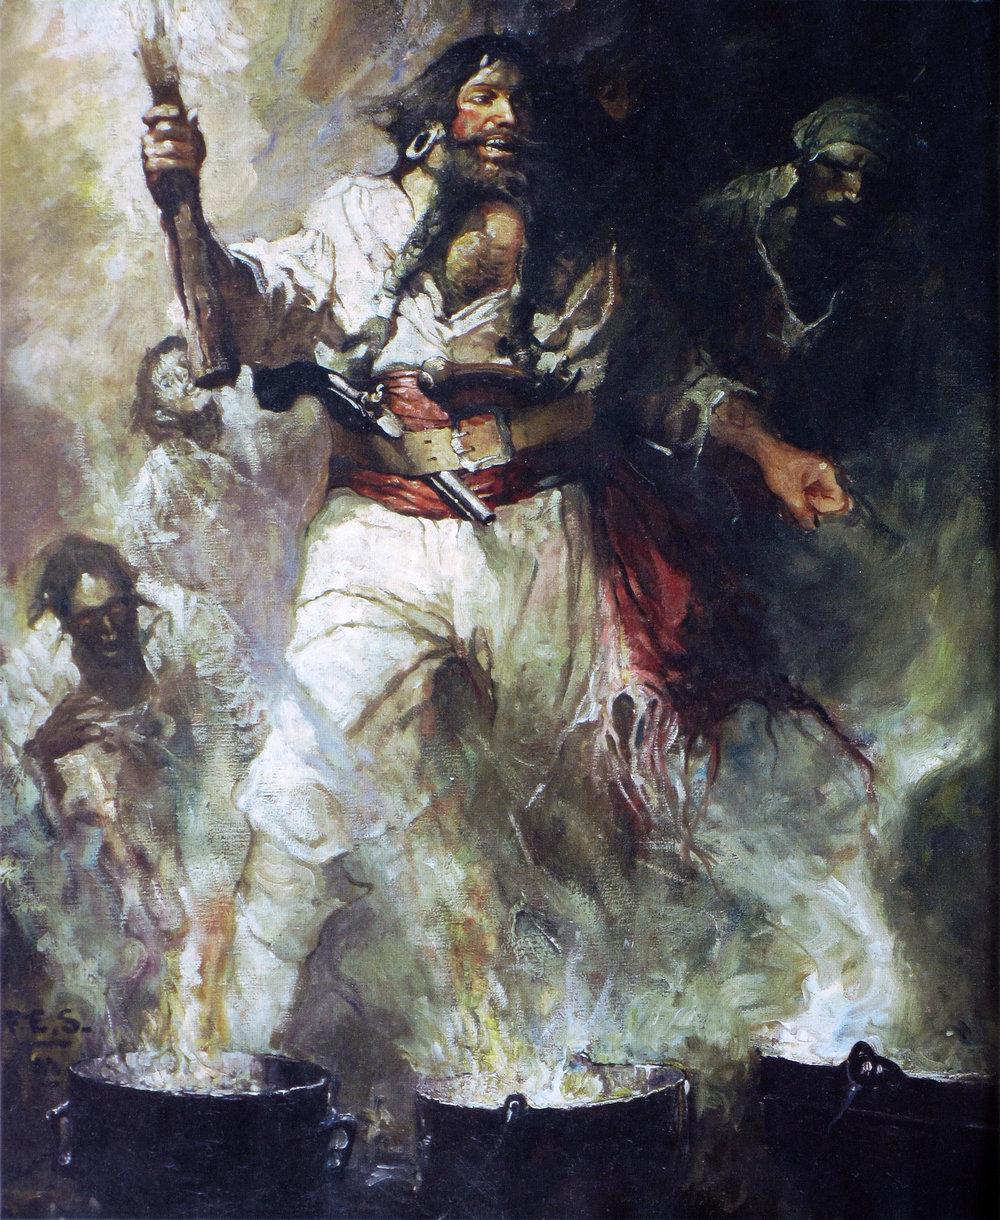 Blackbeard in smoke and flame  by Frank Schooner, 1922